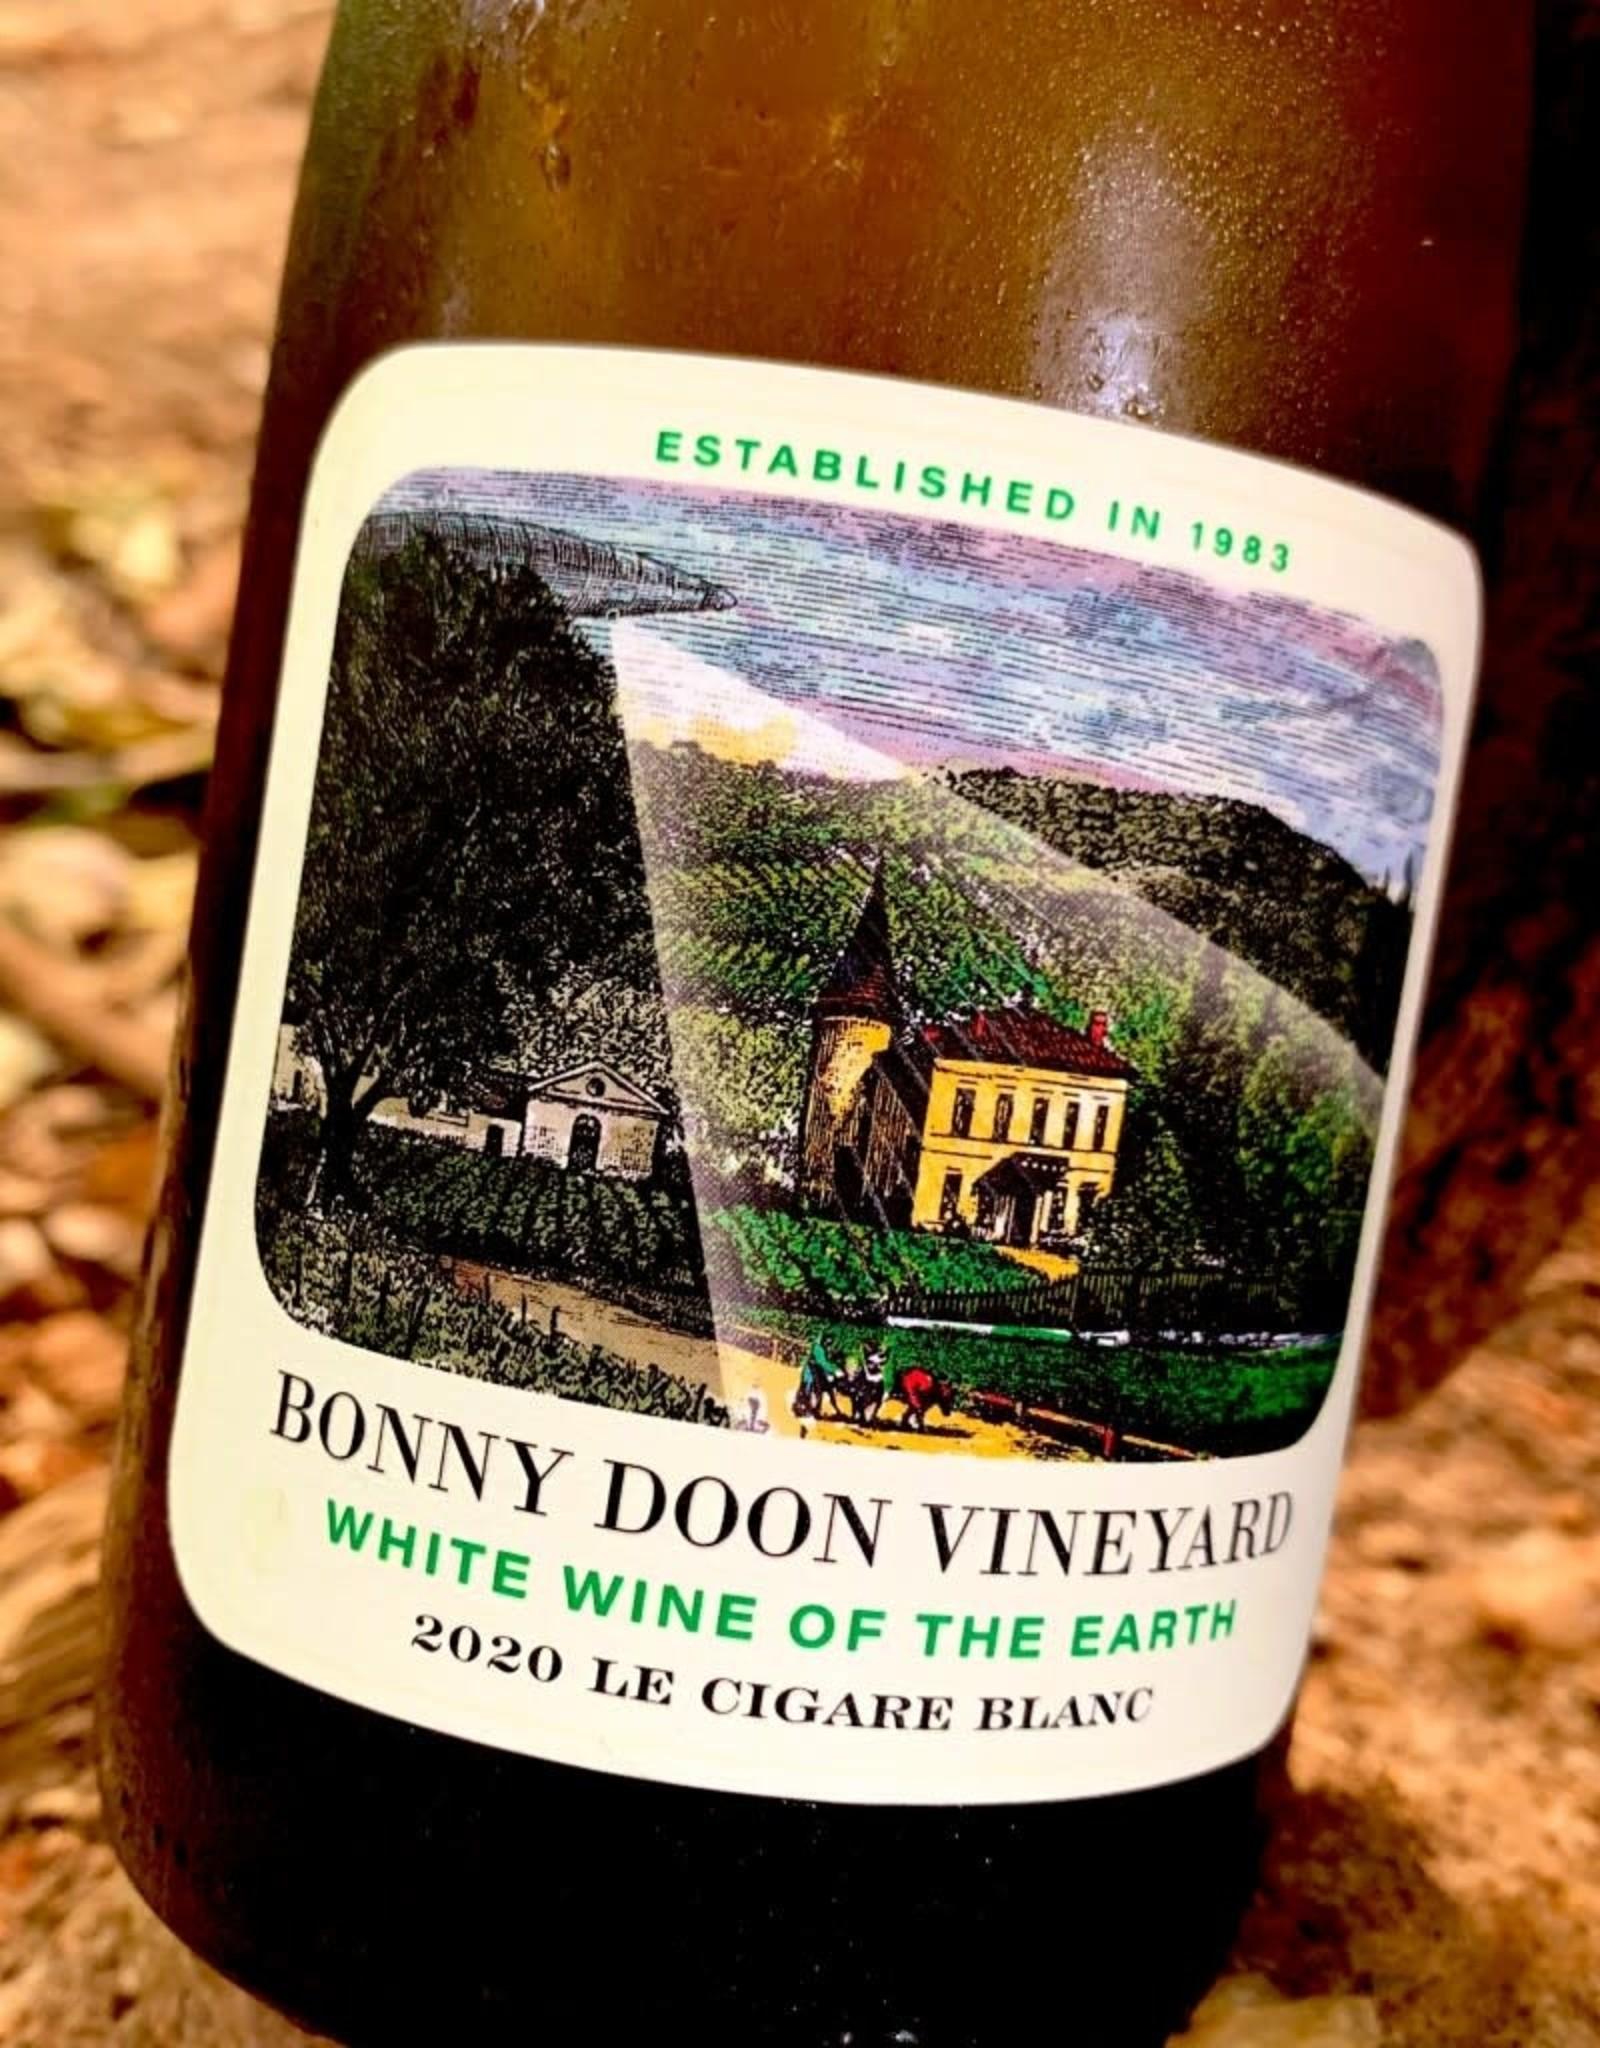 Bonny Doon Le Cigare Volant Blanc